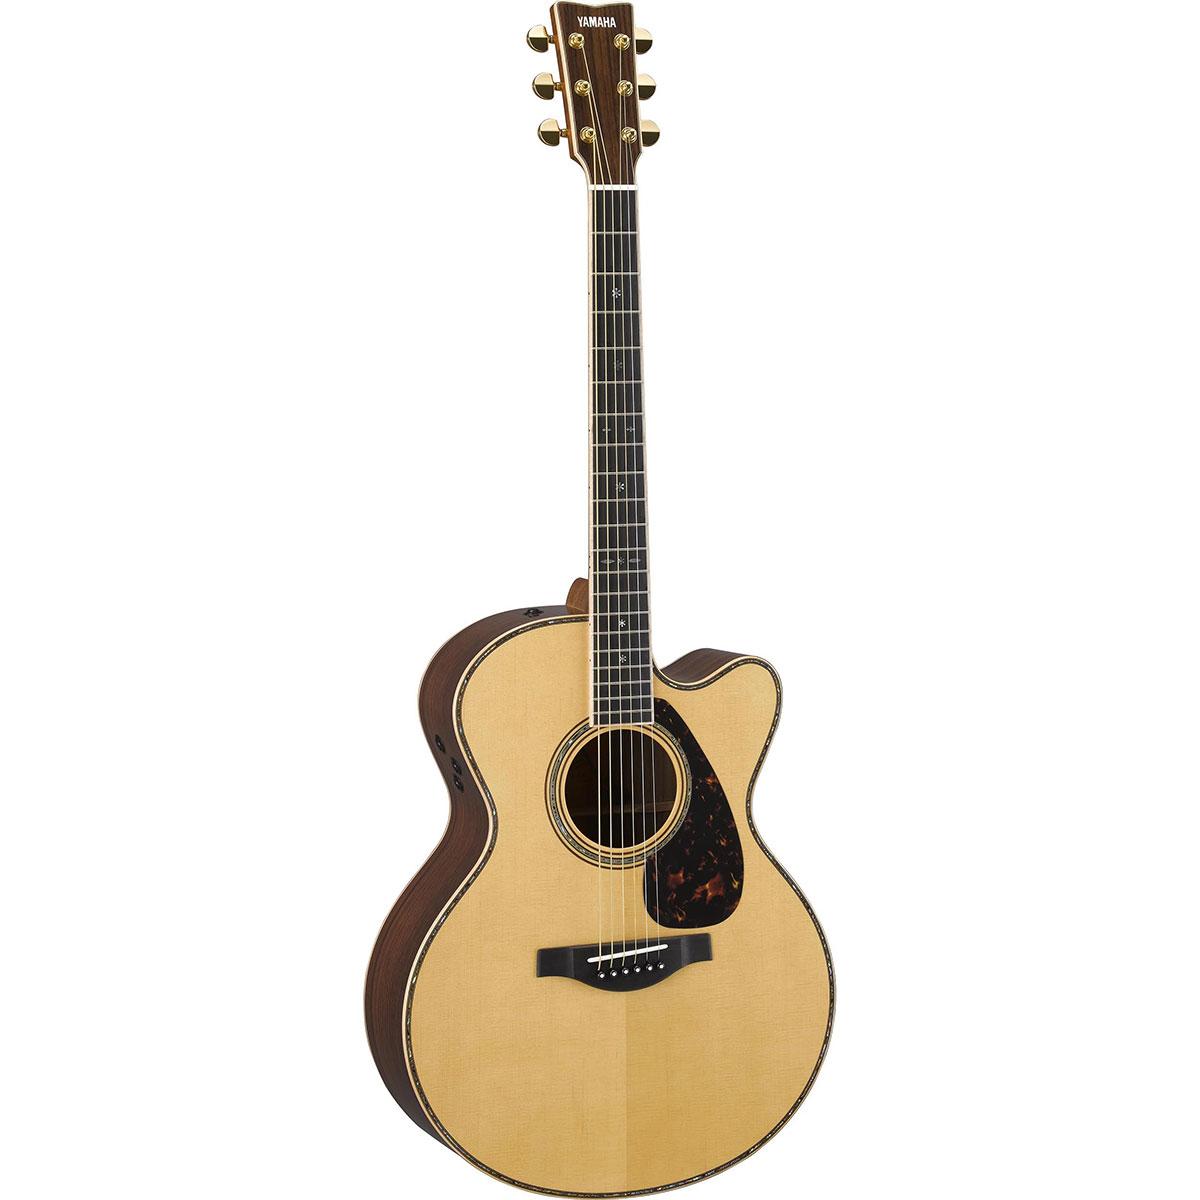 【受注生産】YAMAHA エレアコギター LJX36C ARE / Natural